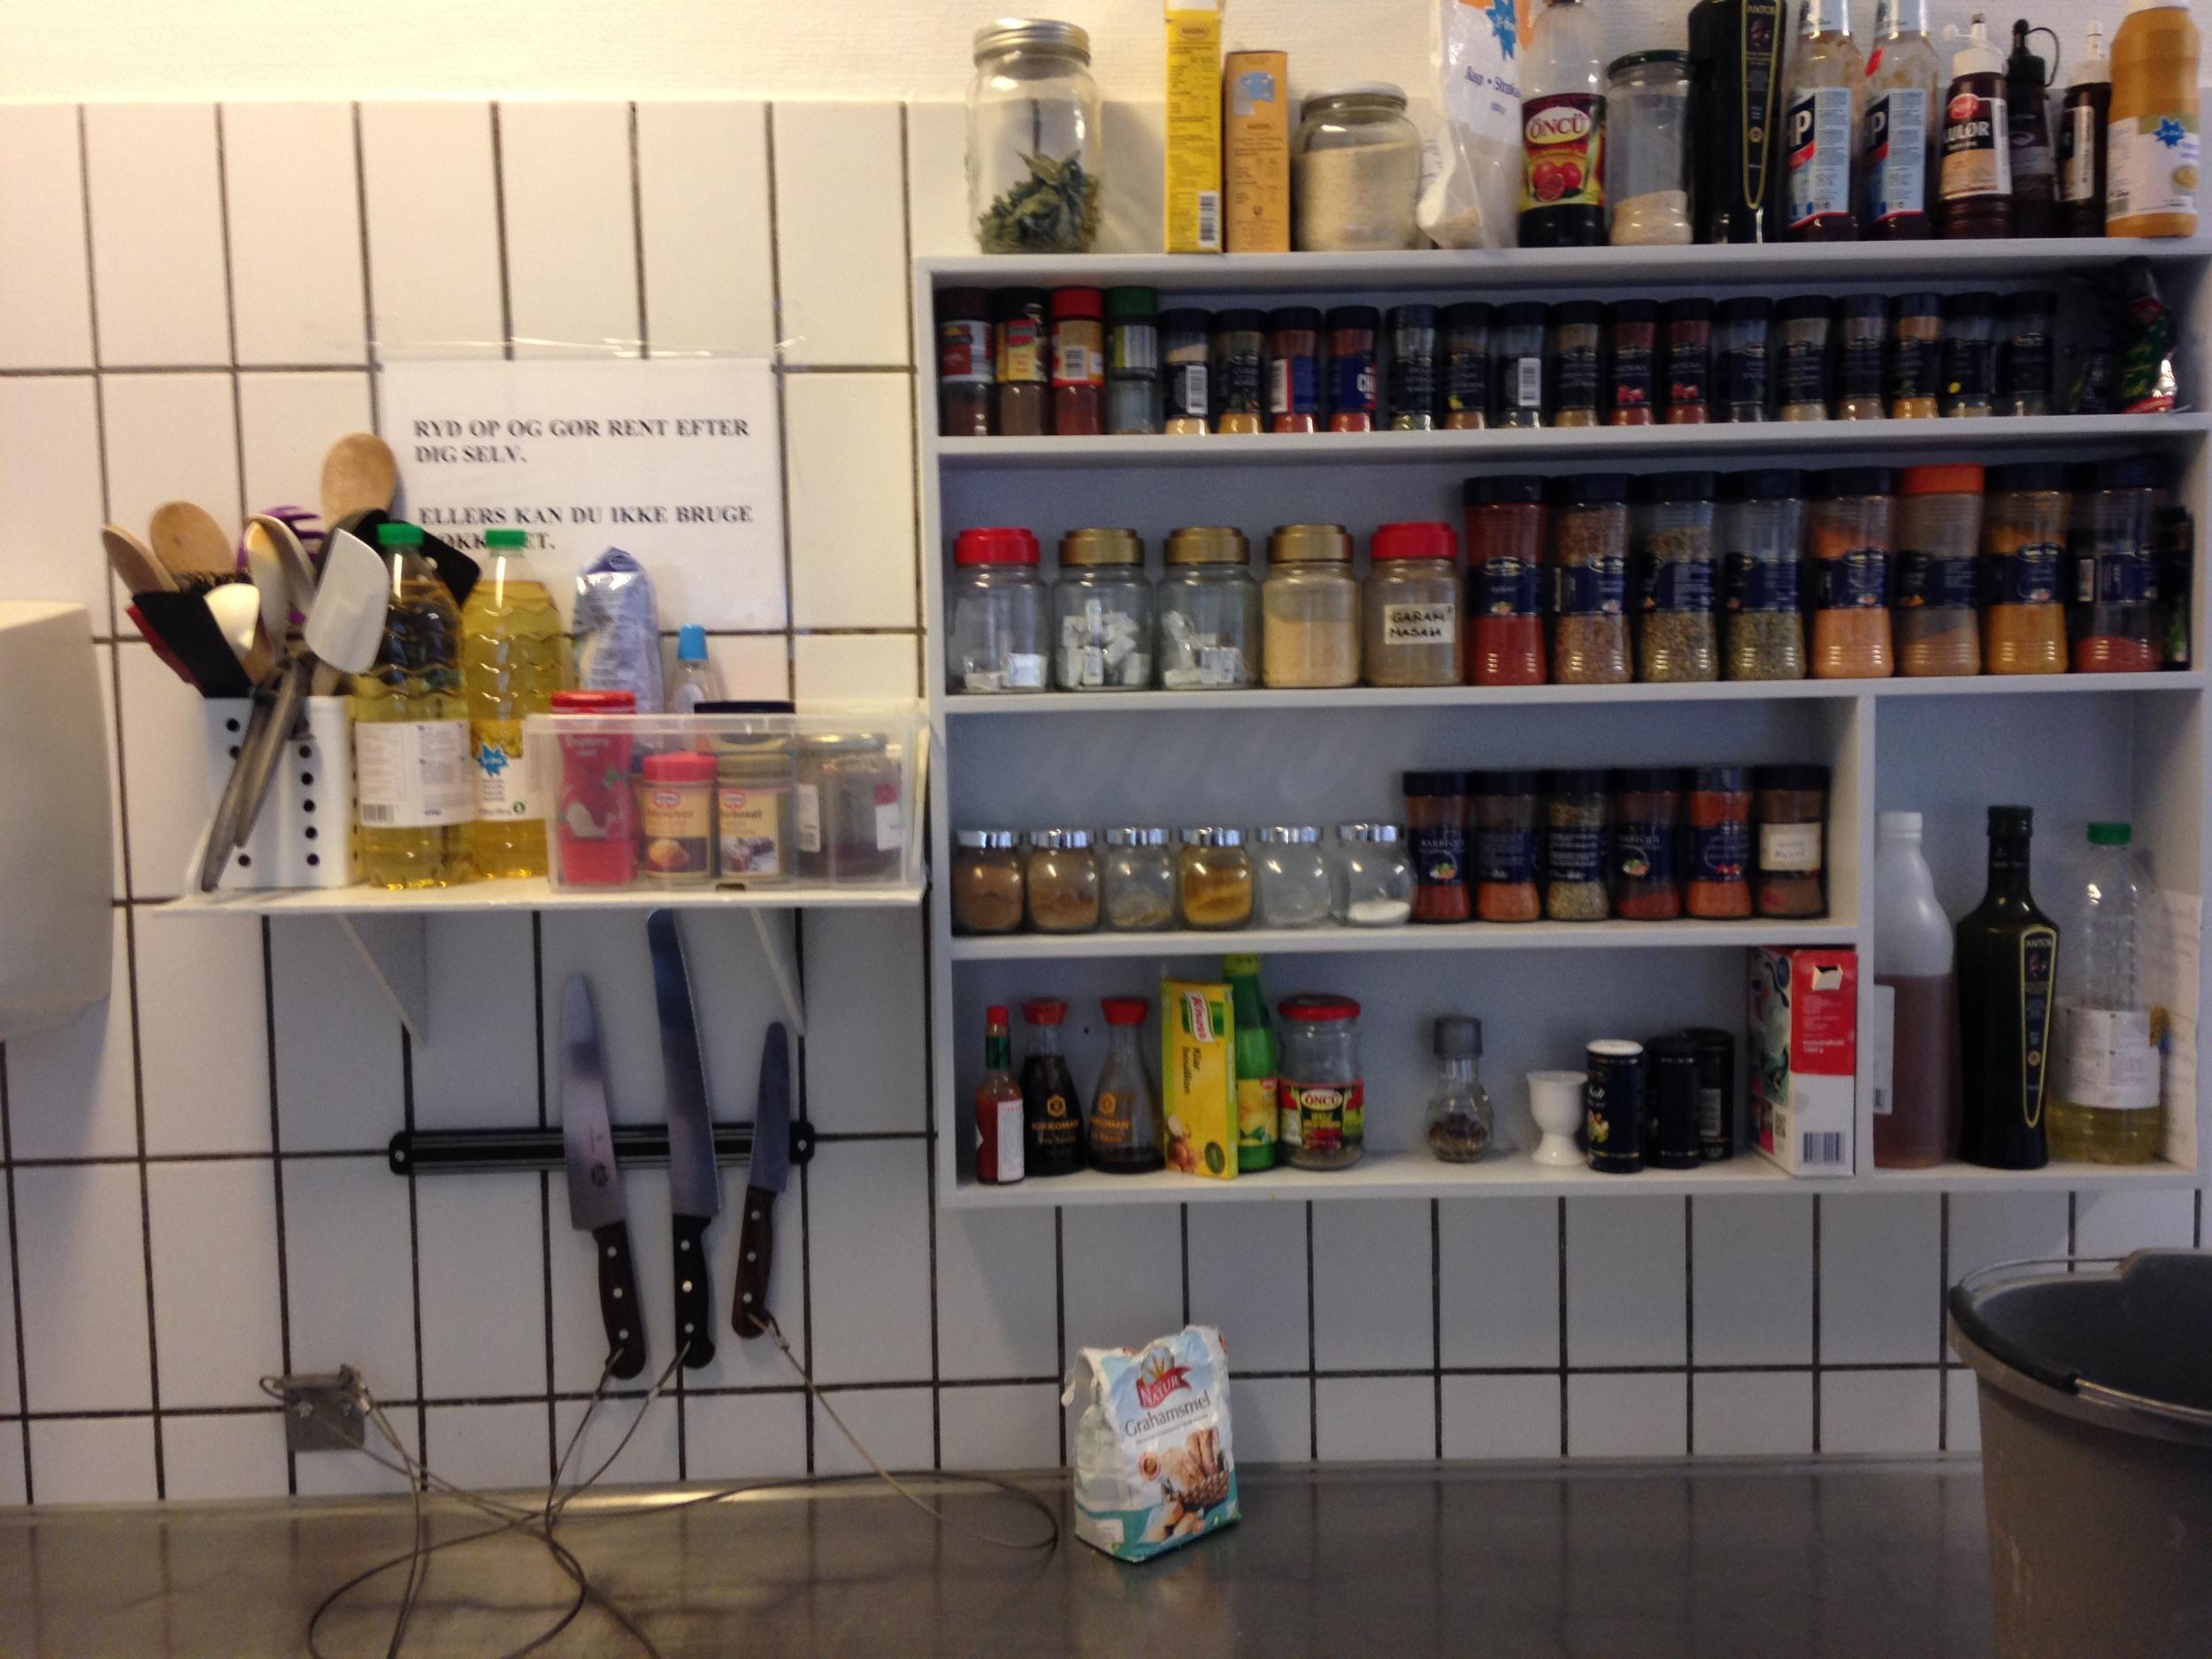 Knives & Spice Rack, Danish Prison